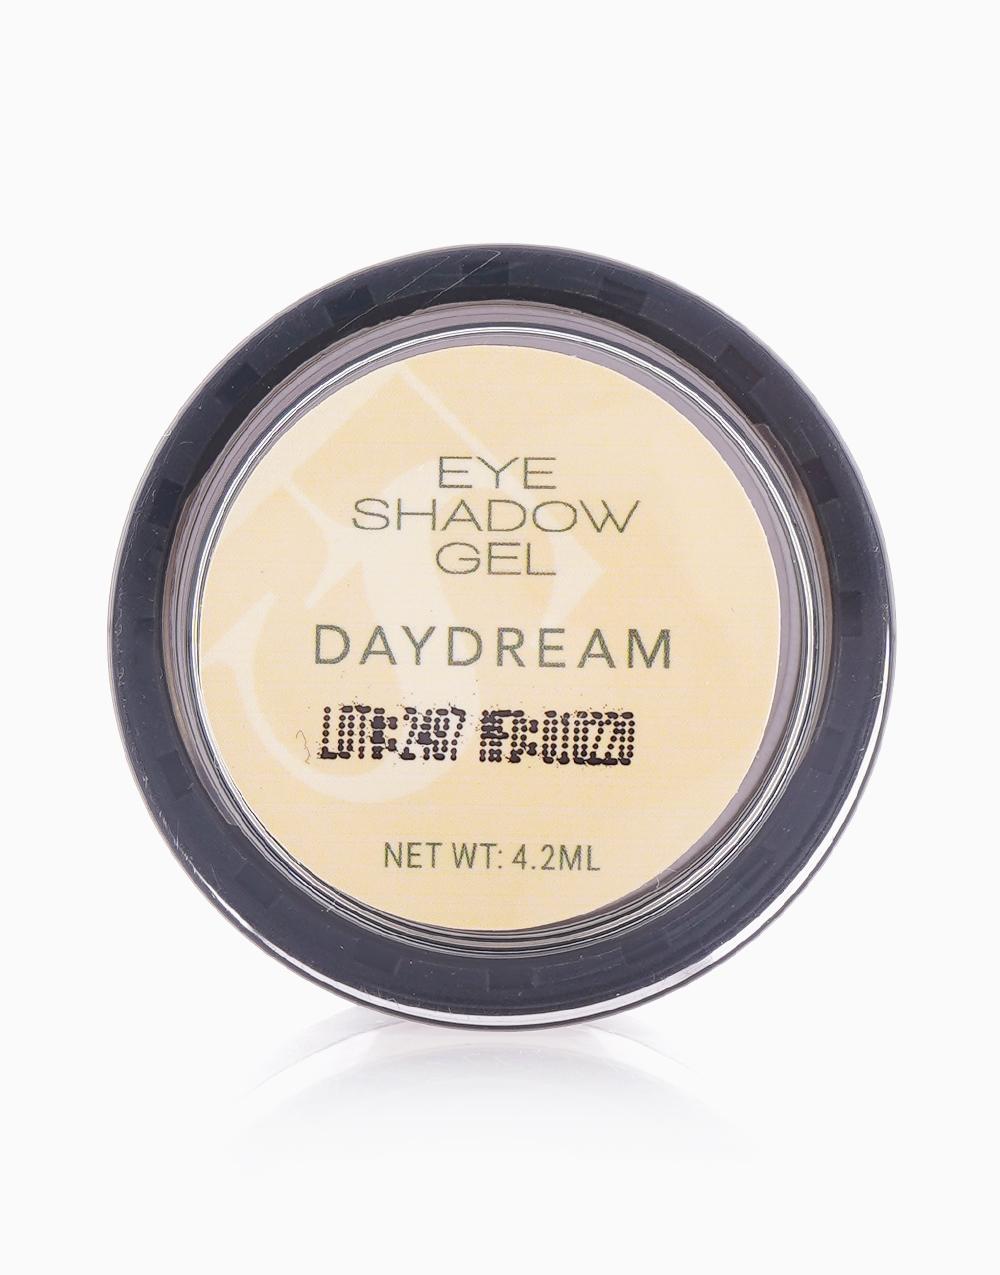 Eyeshadow Gel by FS Features & Shades | Daydream